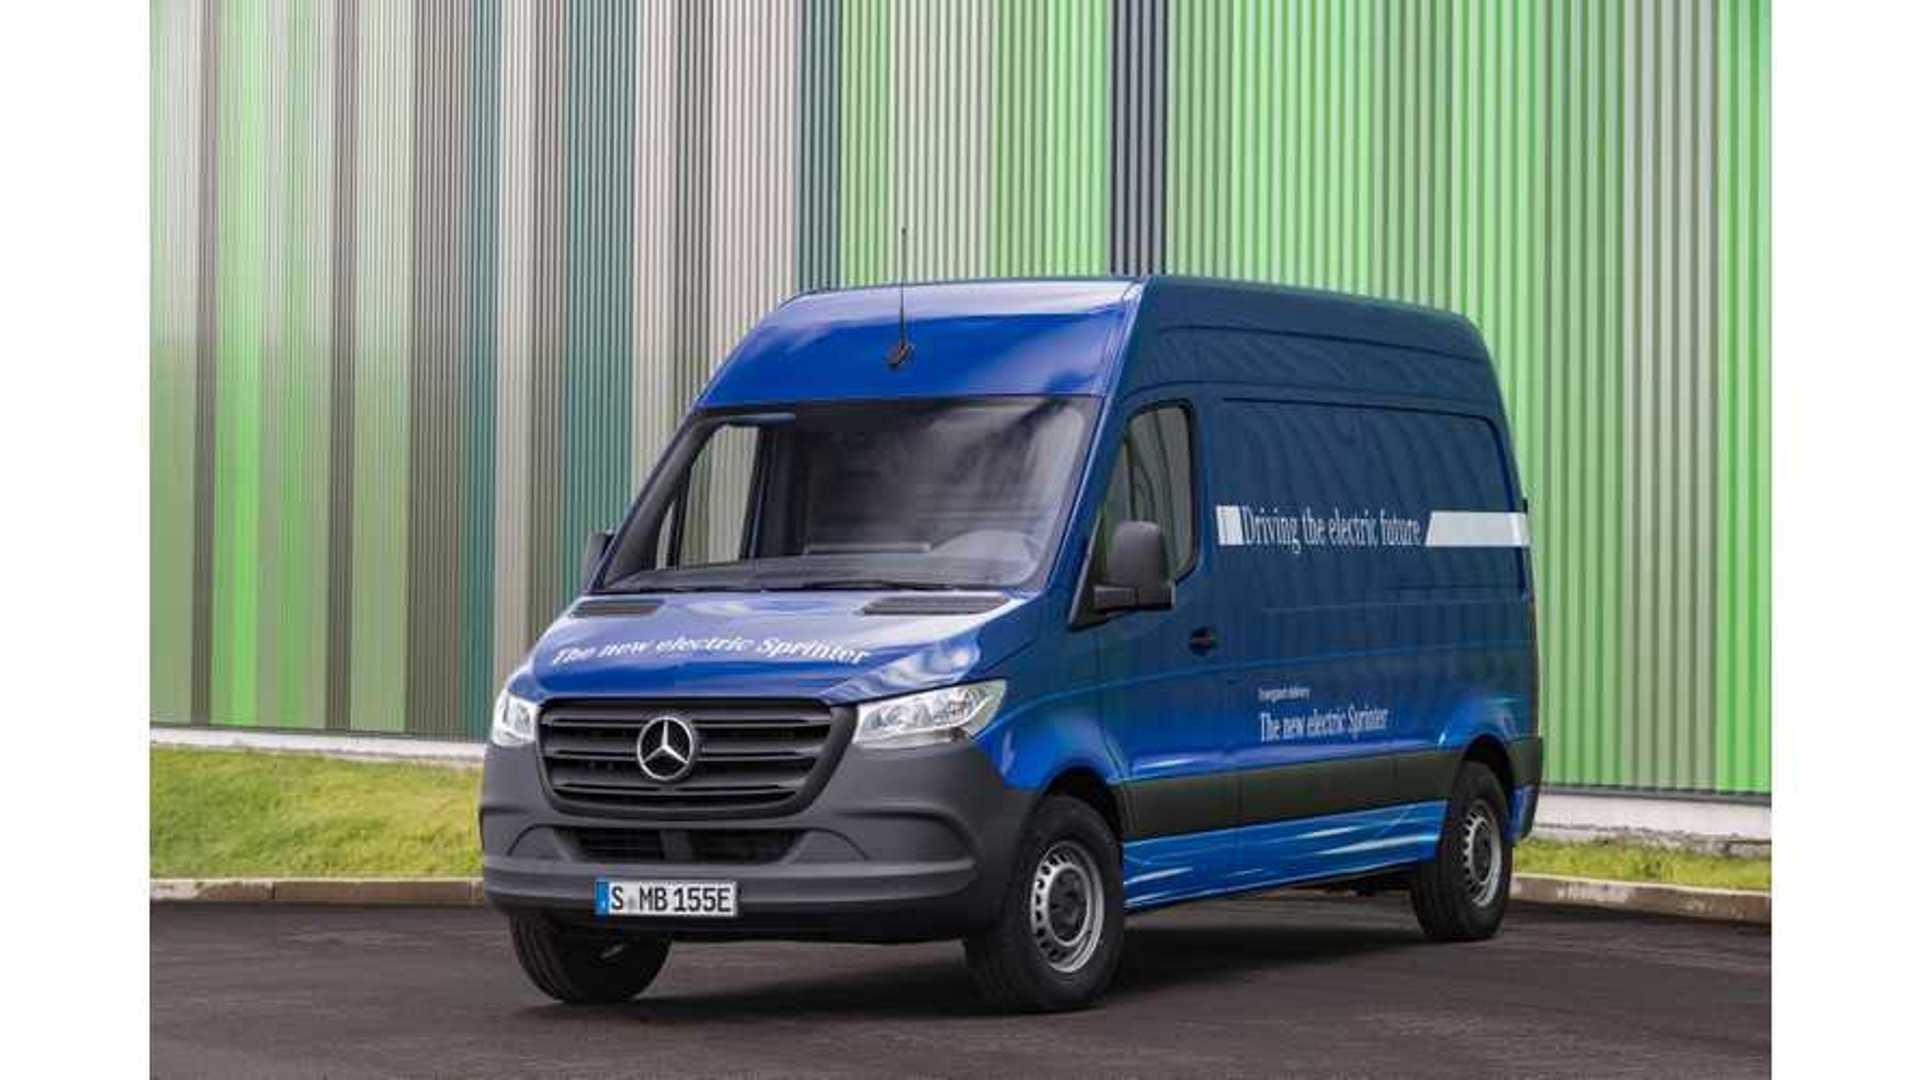 11a1026b67 Mercedes-Benz Releases eSprinter Electric Van Specs